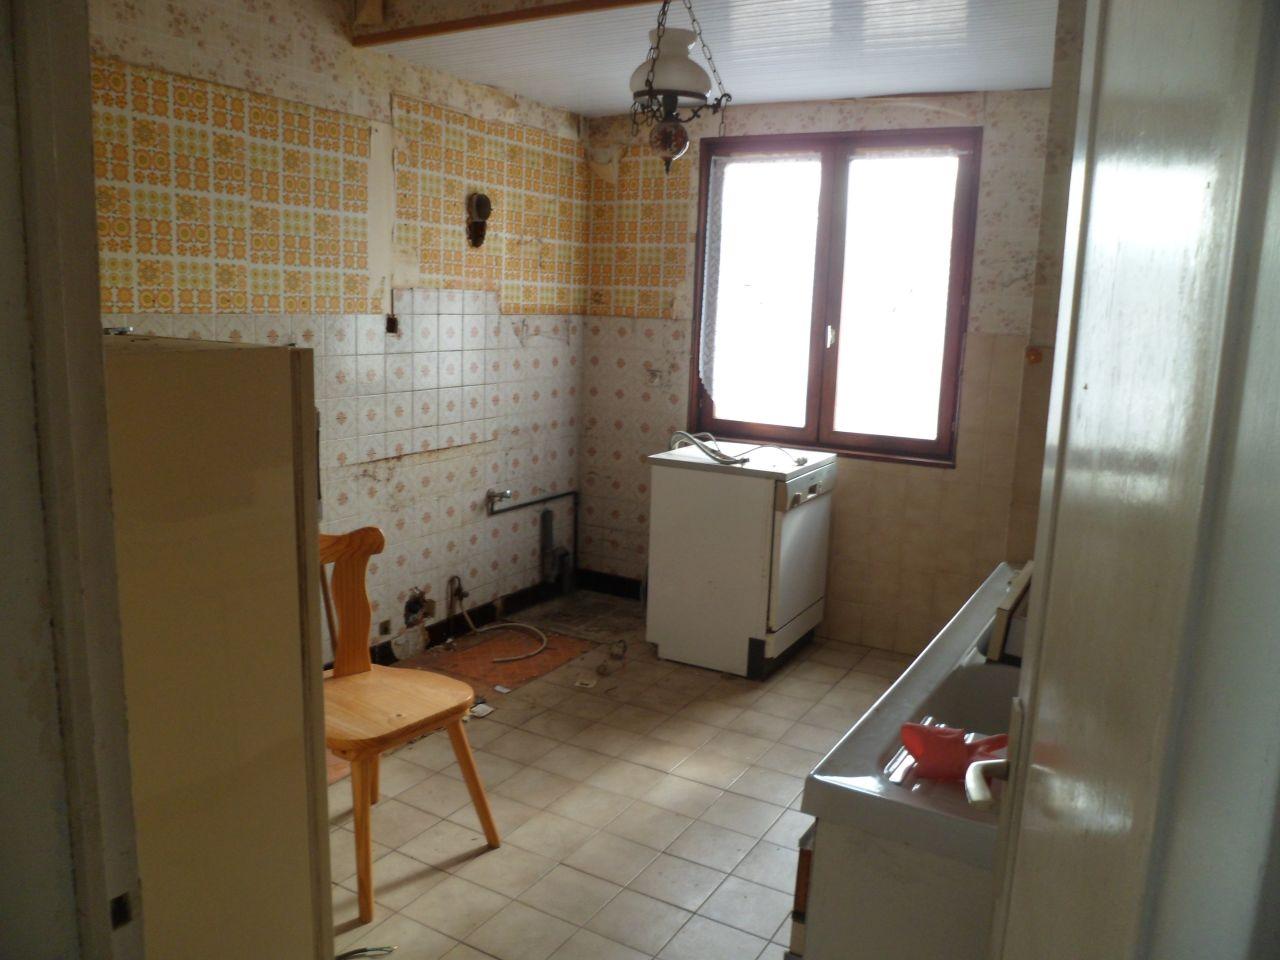 L'ancienne cuisine après avoir enlevé les meubles. Elle deviendra une chambre.